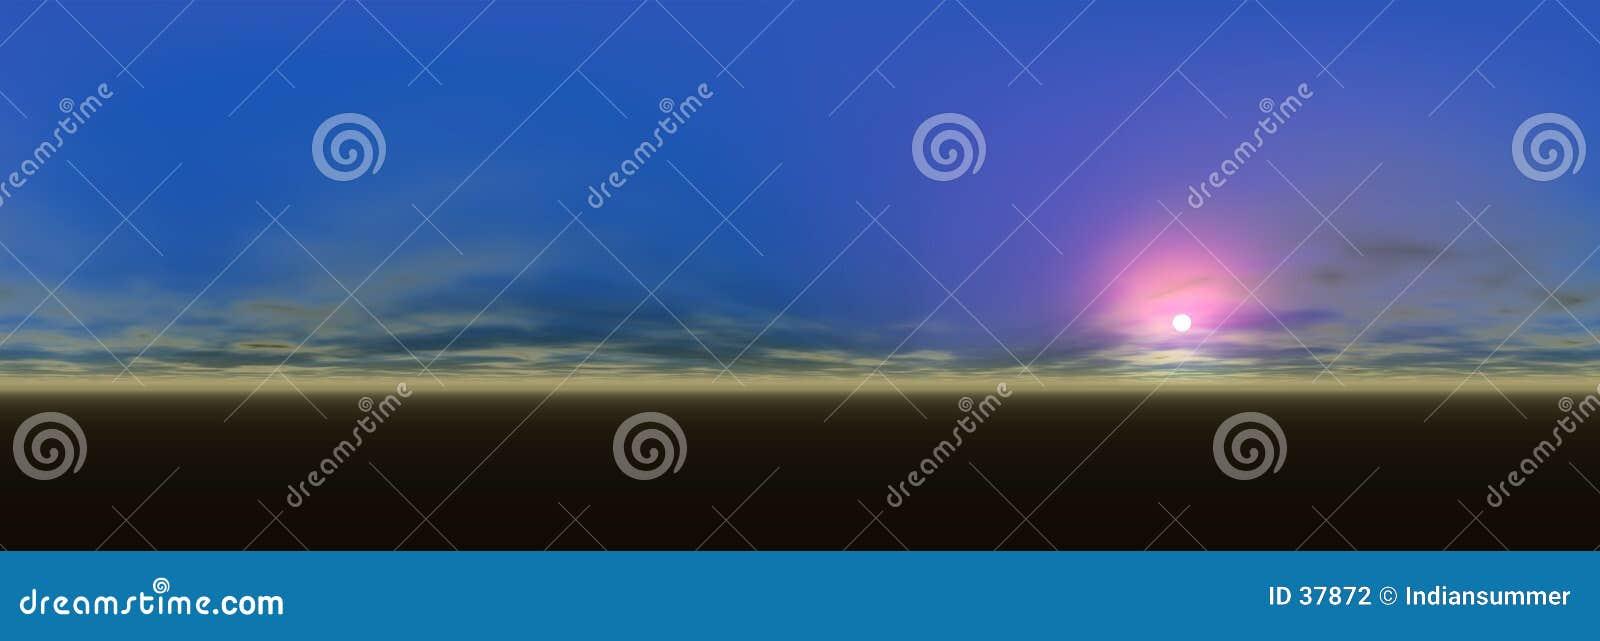 Opinión panorámica del paisaje